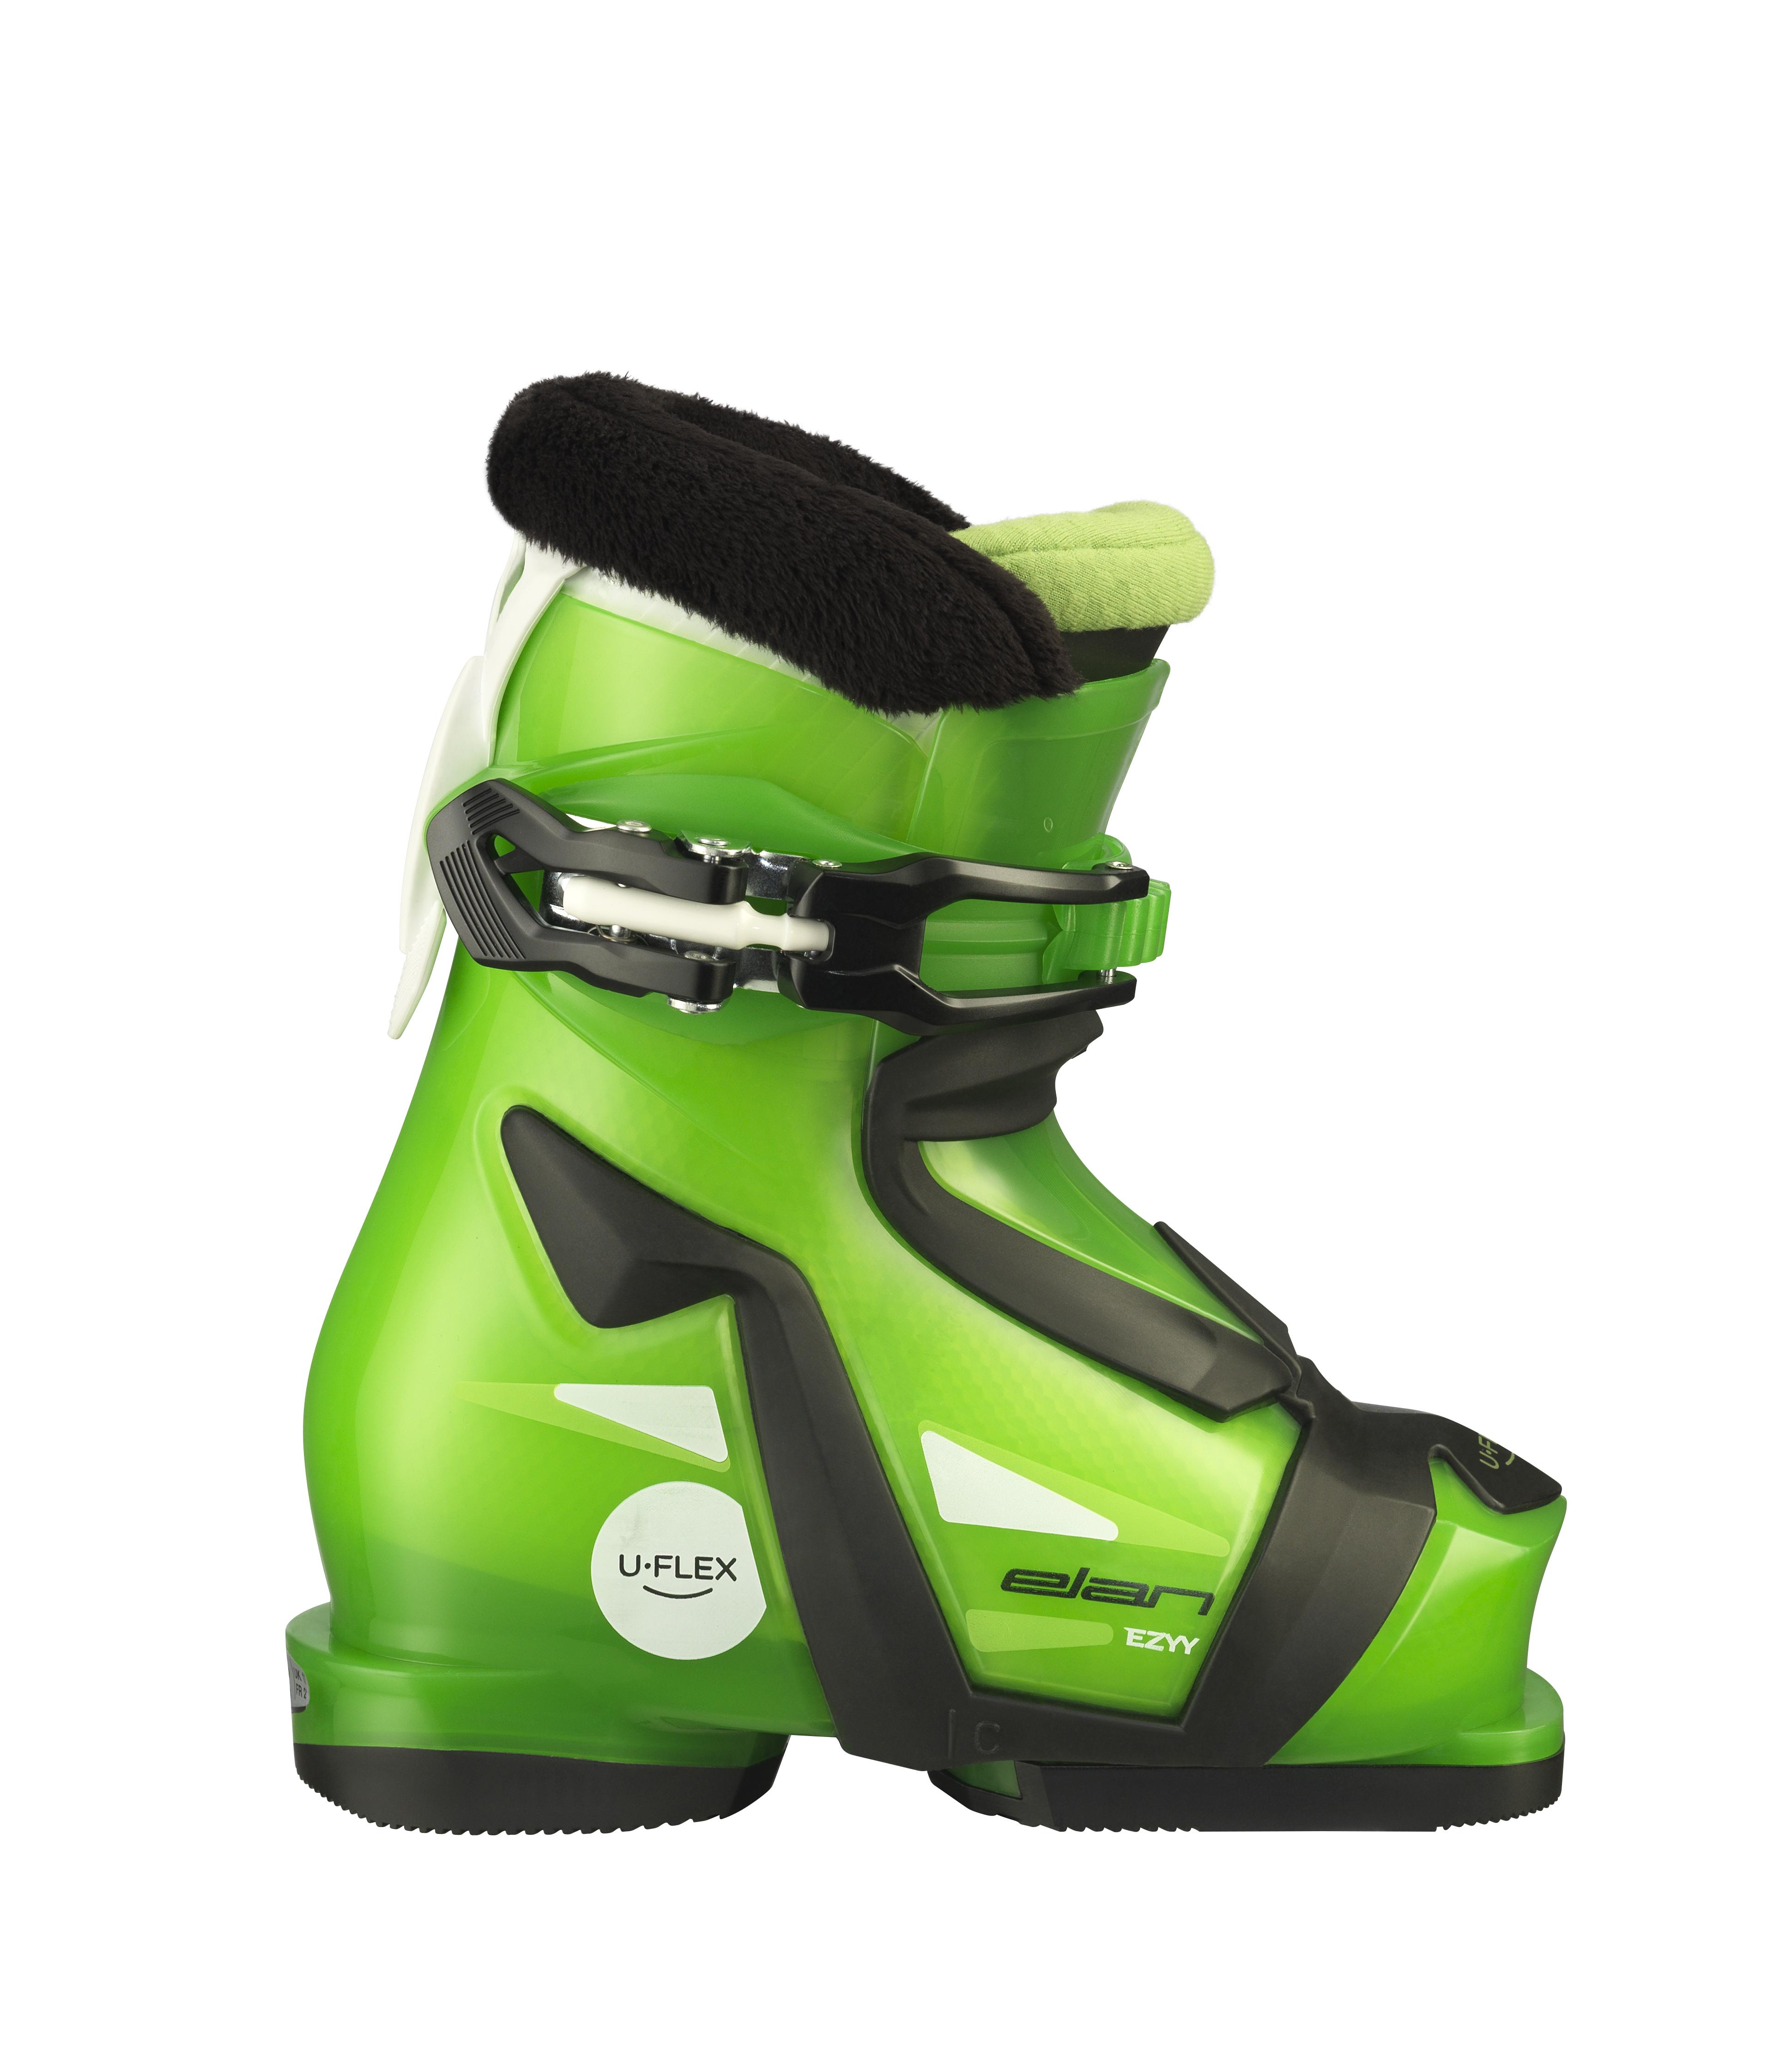 Горнолыжные ботинки Elan 2017-18 EZYY 1 (18,5-19,5) - артикул: 971740423